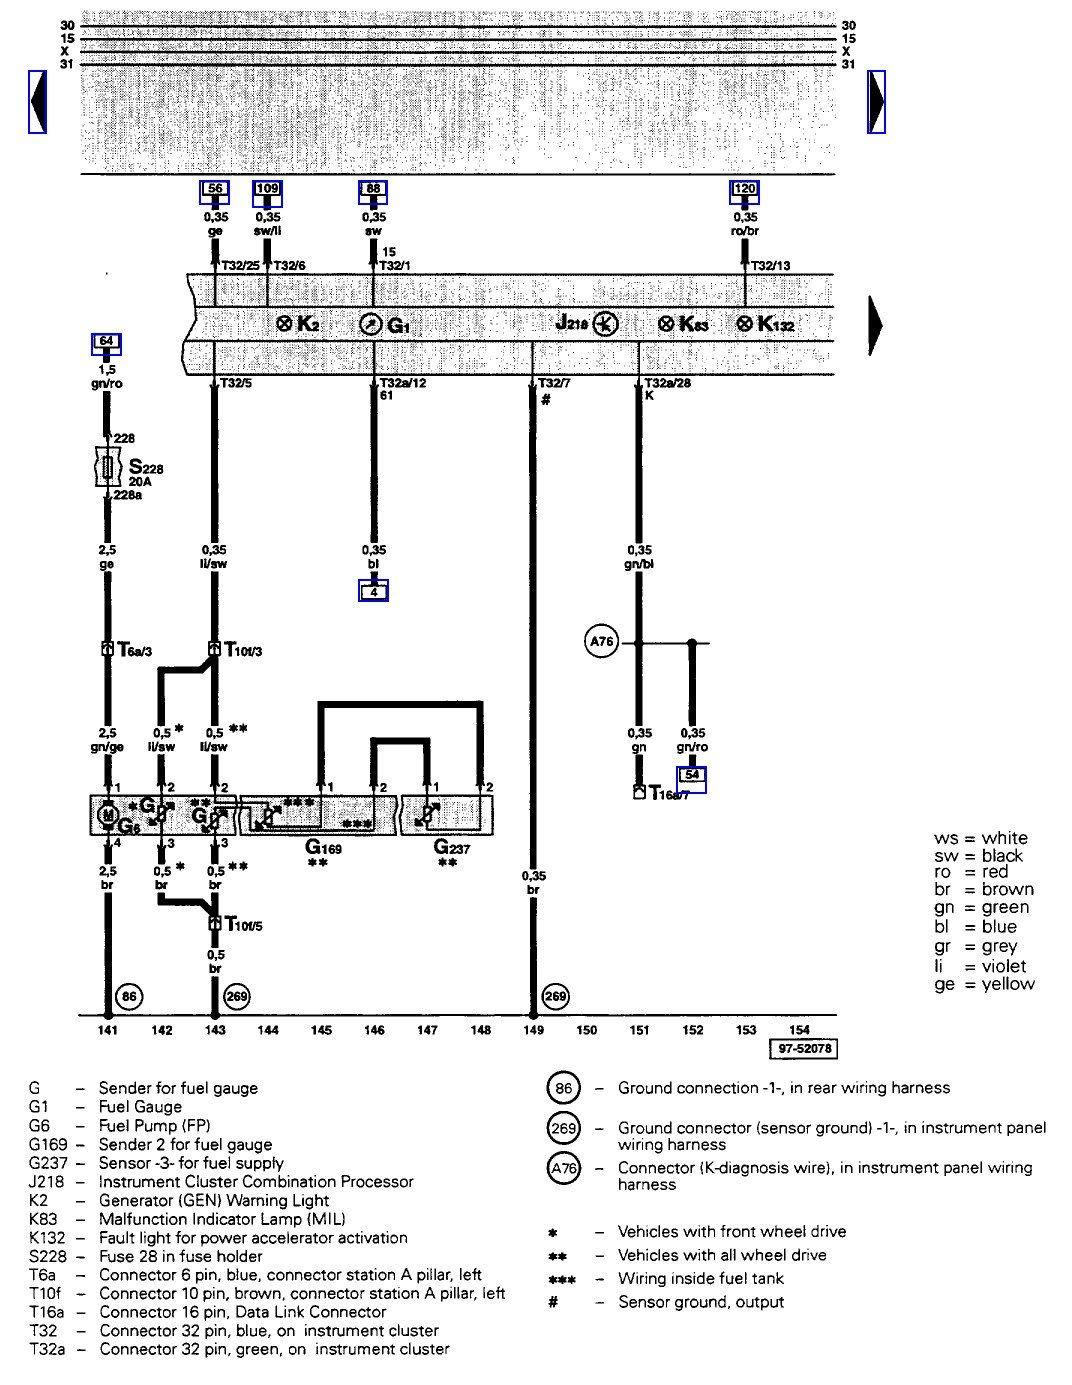 audi tt headlight wiring diagram wiring schematics diagram rh enraudi tt headlight wiring diagram wiring schematics [ 1072 x 1385 Pixel ]